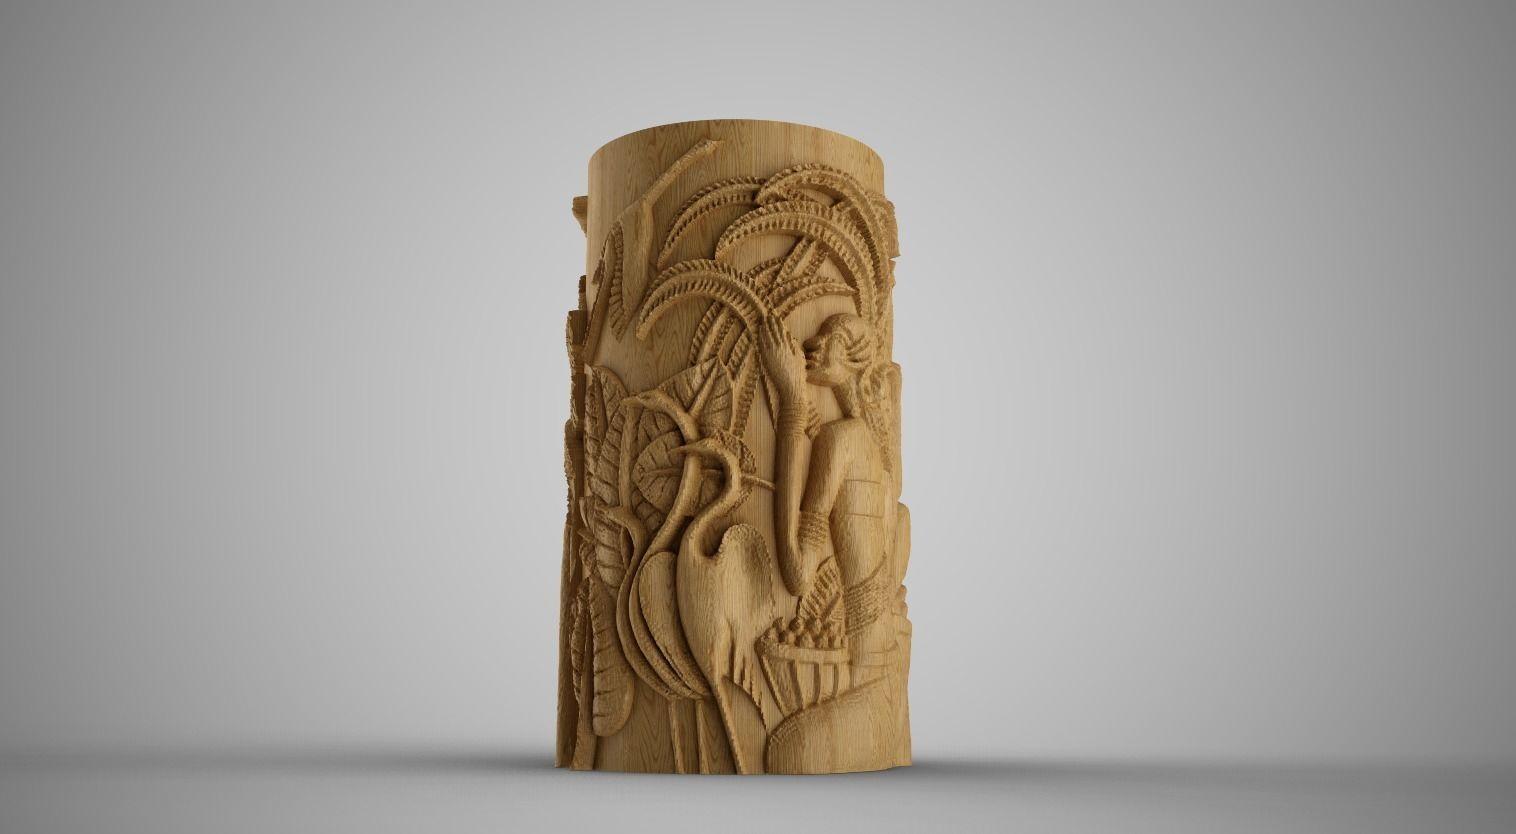 Hieroglyphic relief Cylinder Box